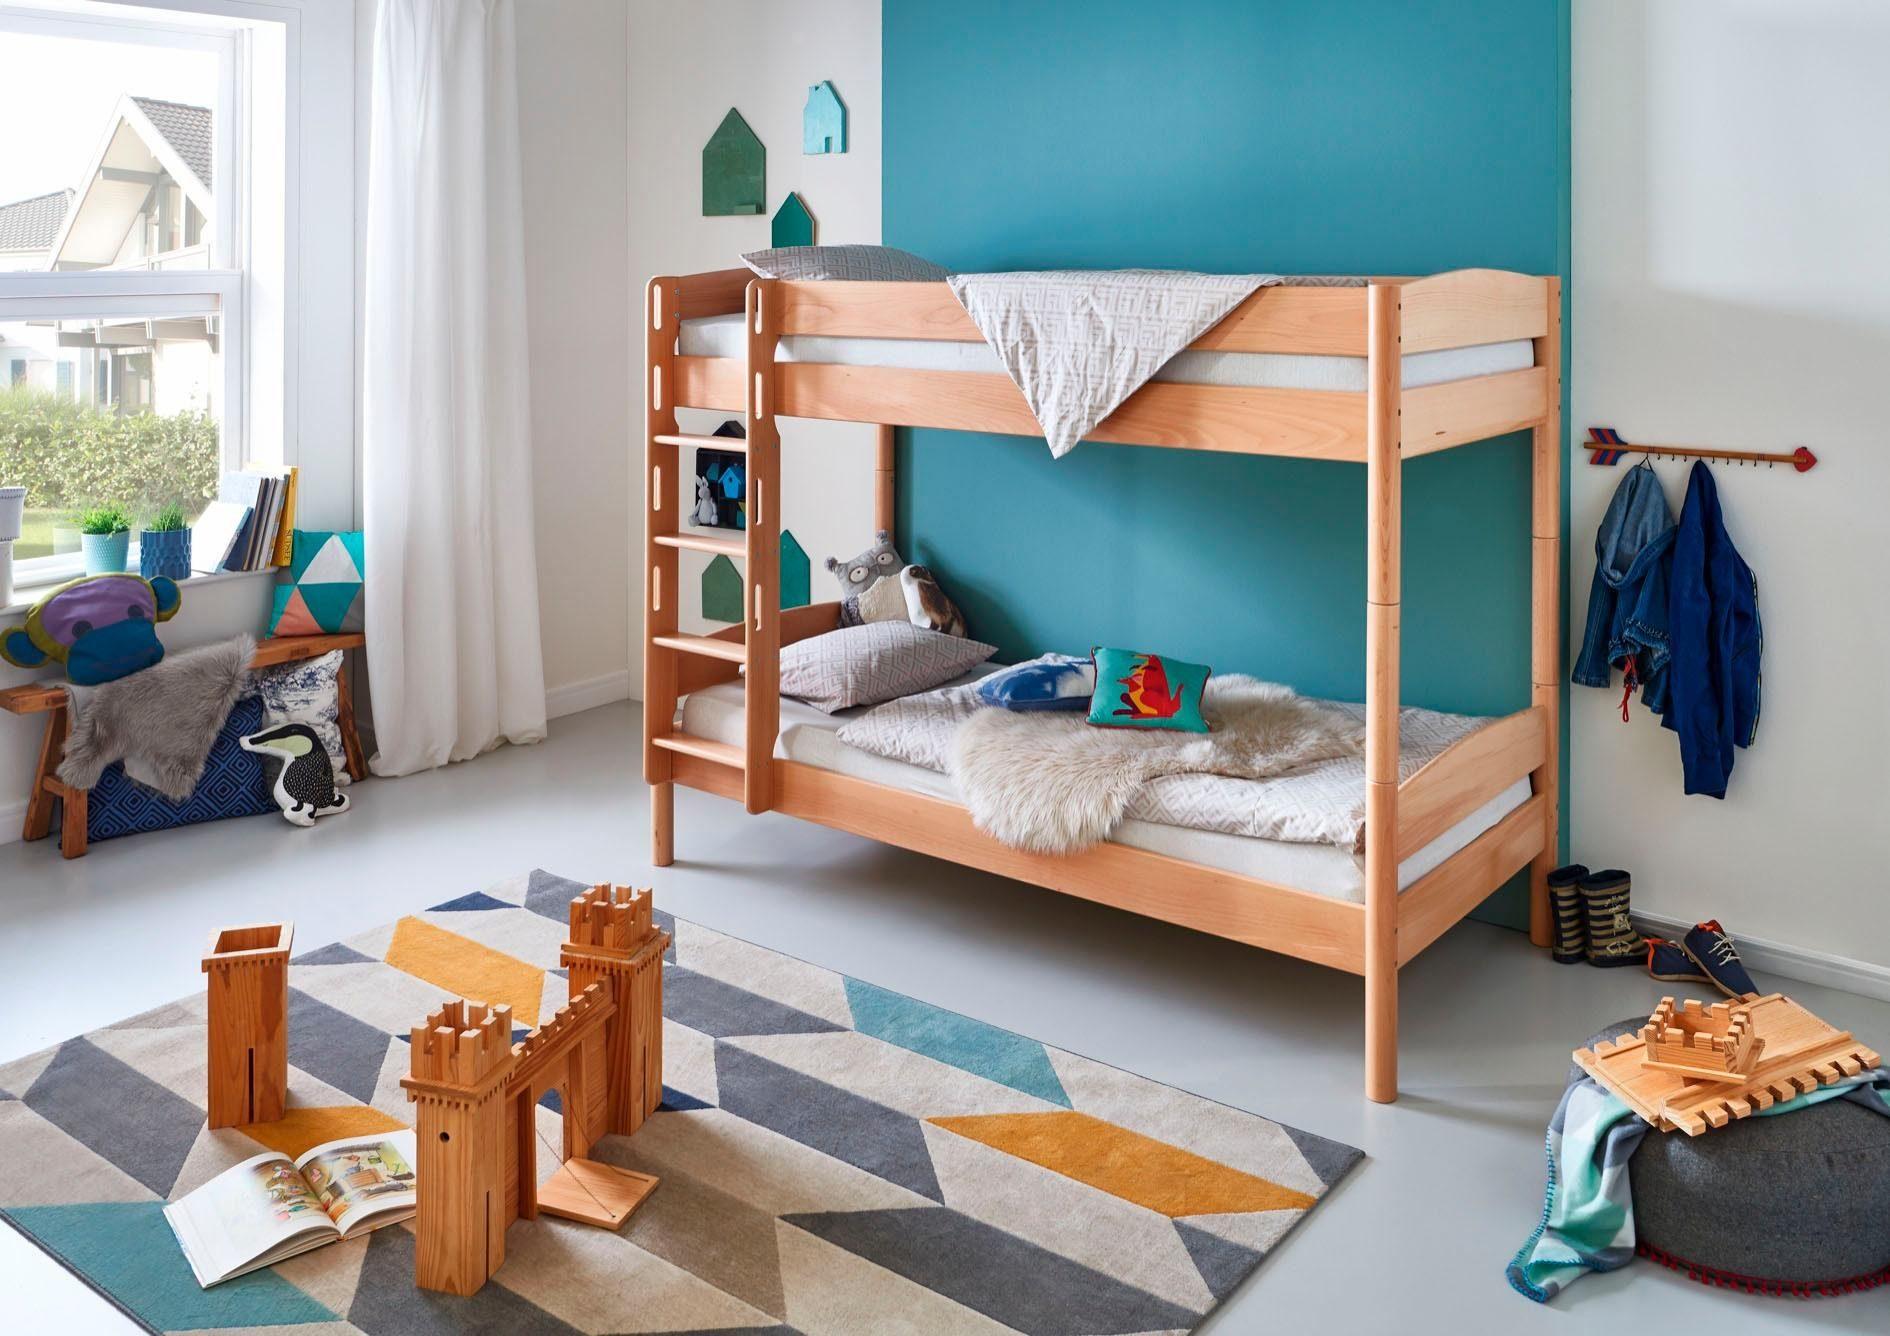 Etagenbett Kiefer Oder Buche : Kinderbett etagenbett moritz buche vollholz natur real